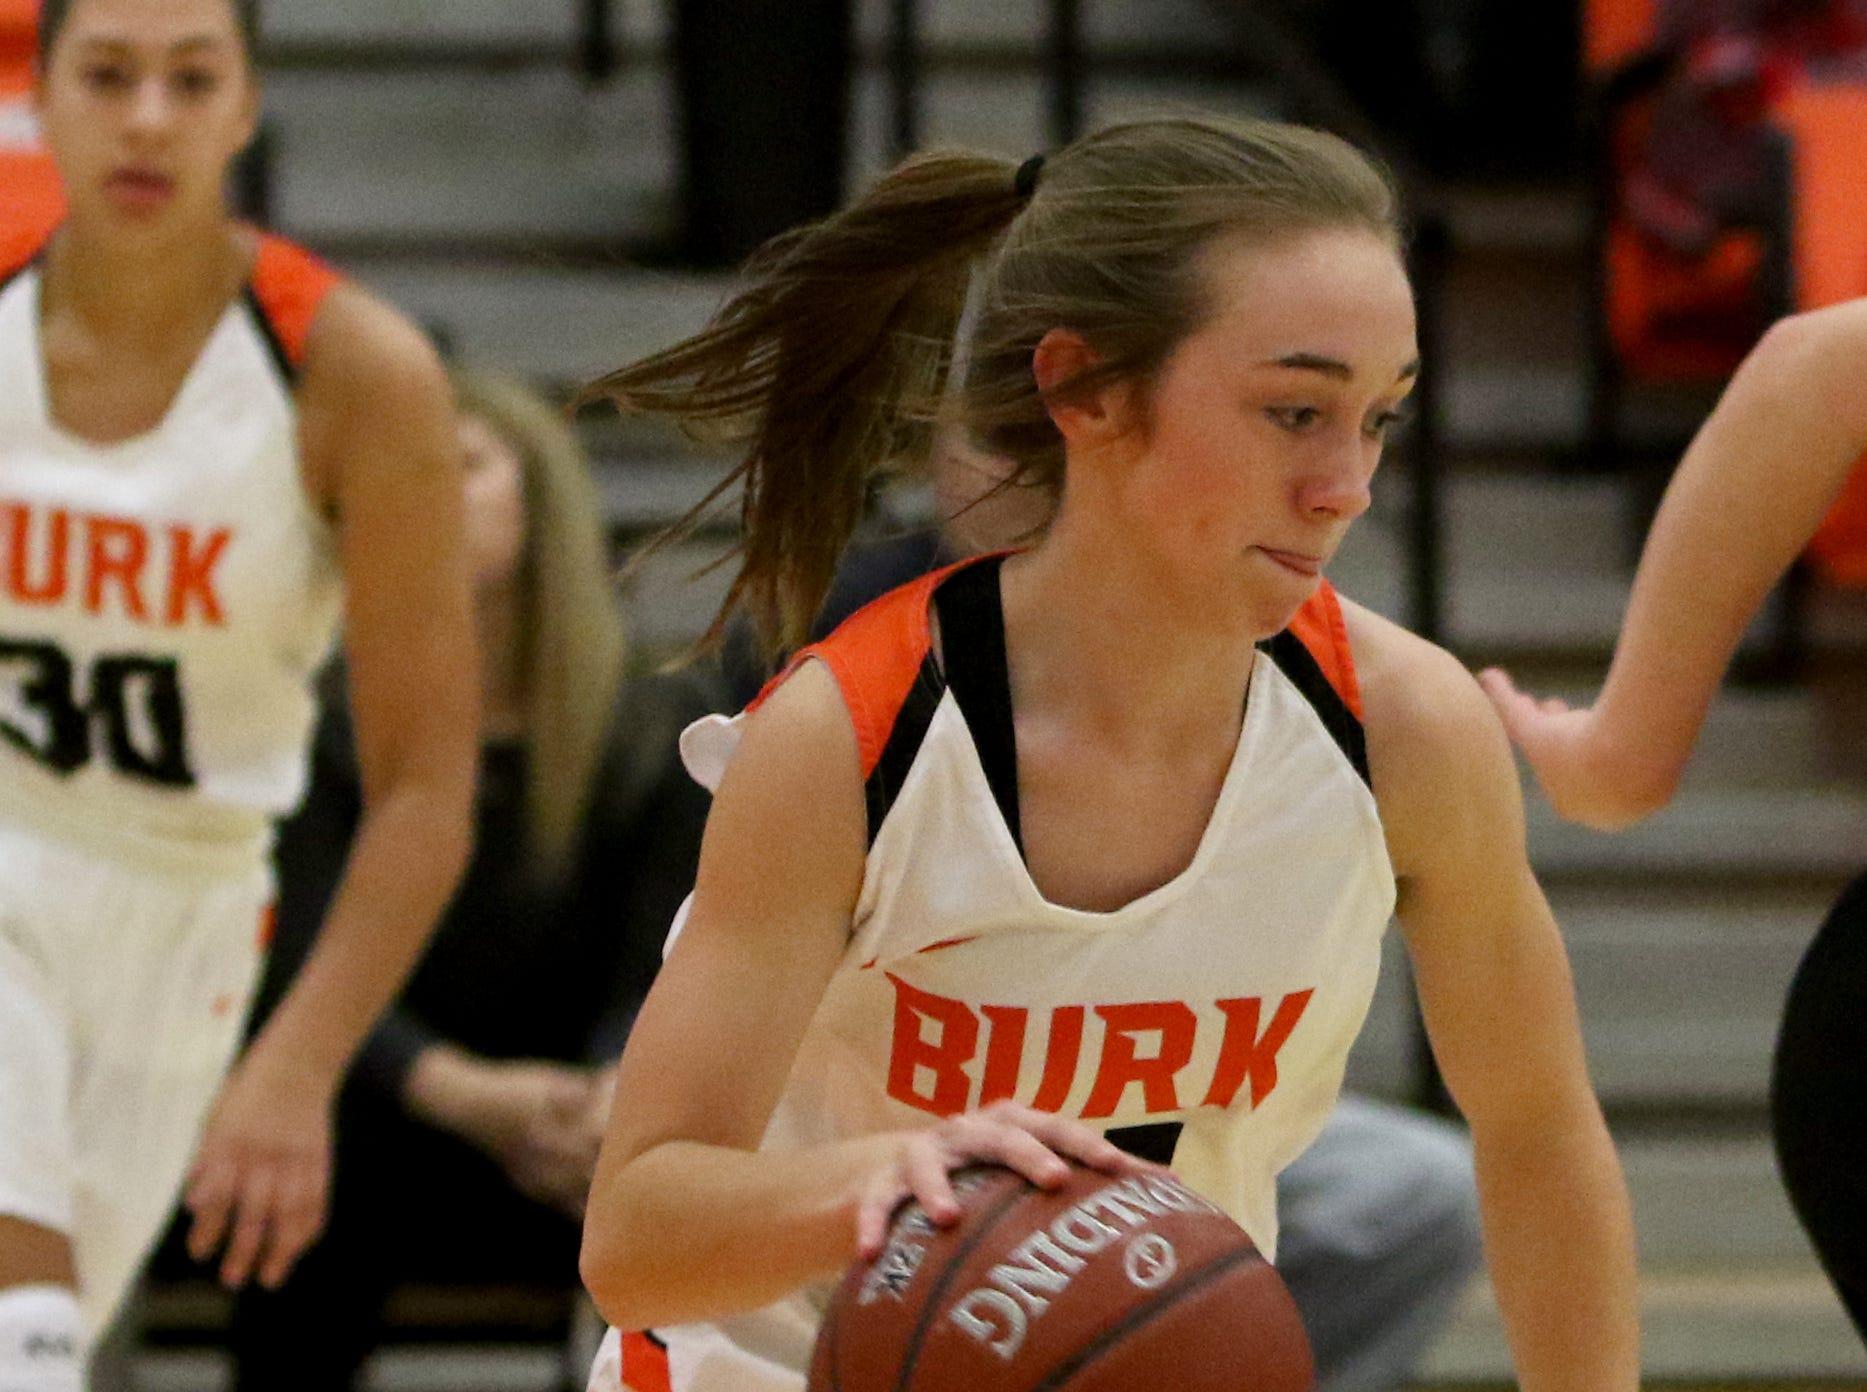 Burkburnett's Lexi King dribbles in the game against Nocona Tuesday, Dec. 4, 2018, in Burkburnett.